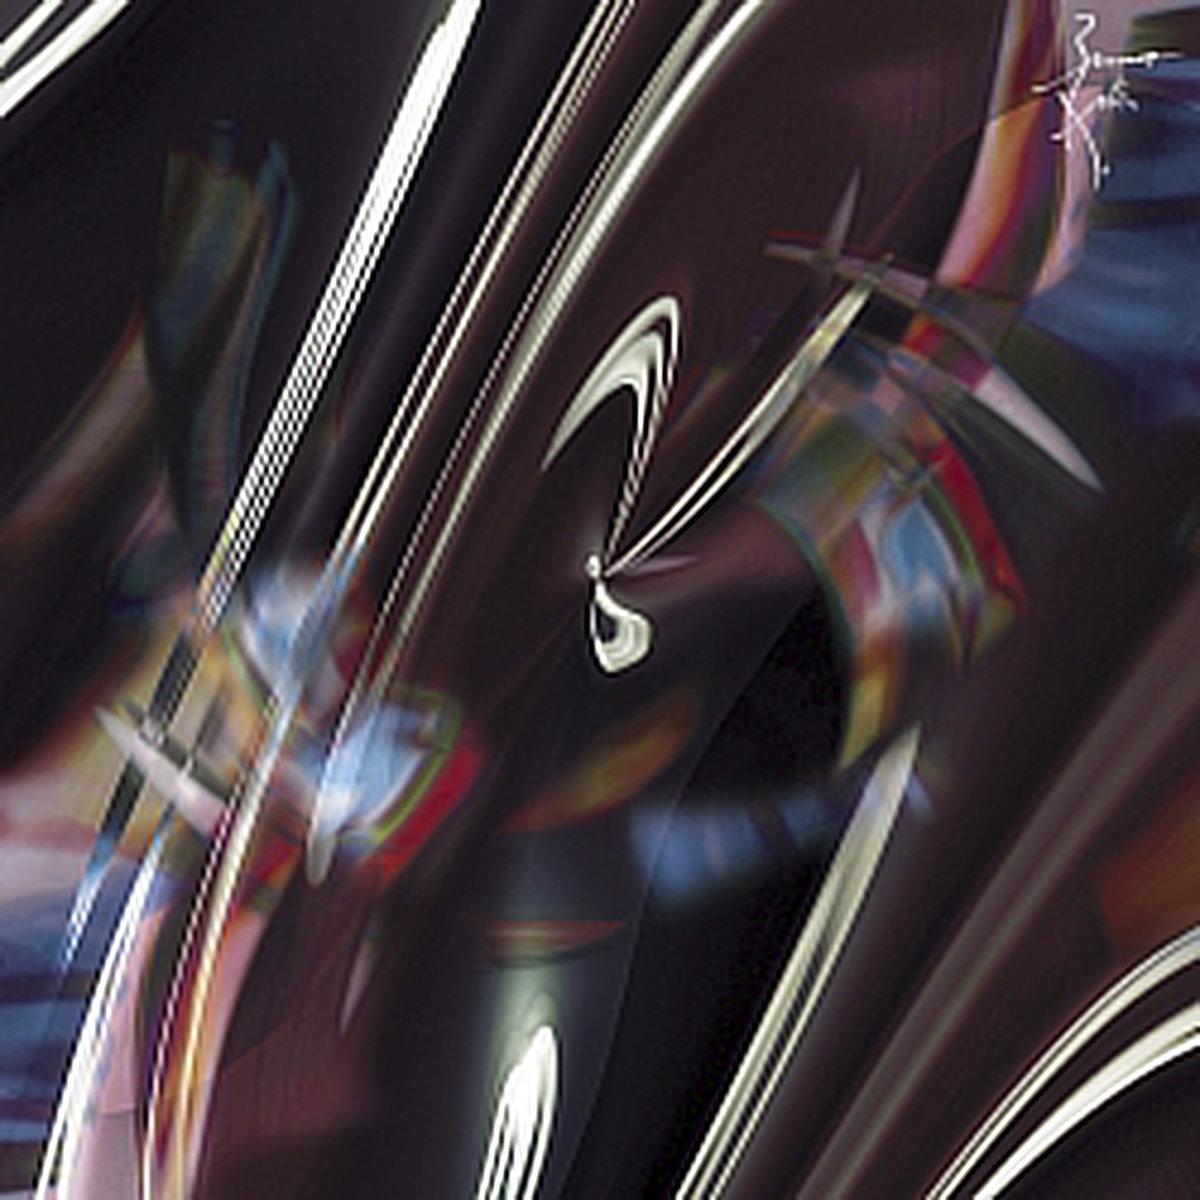 Peinture numérique Aurore boréale. Série Chronoschromaties.